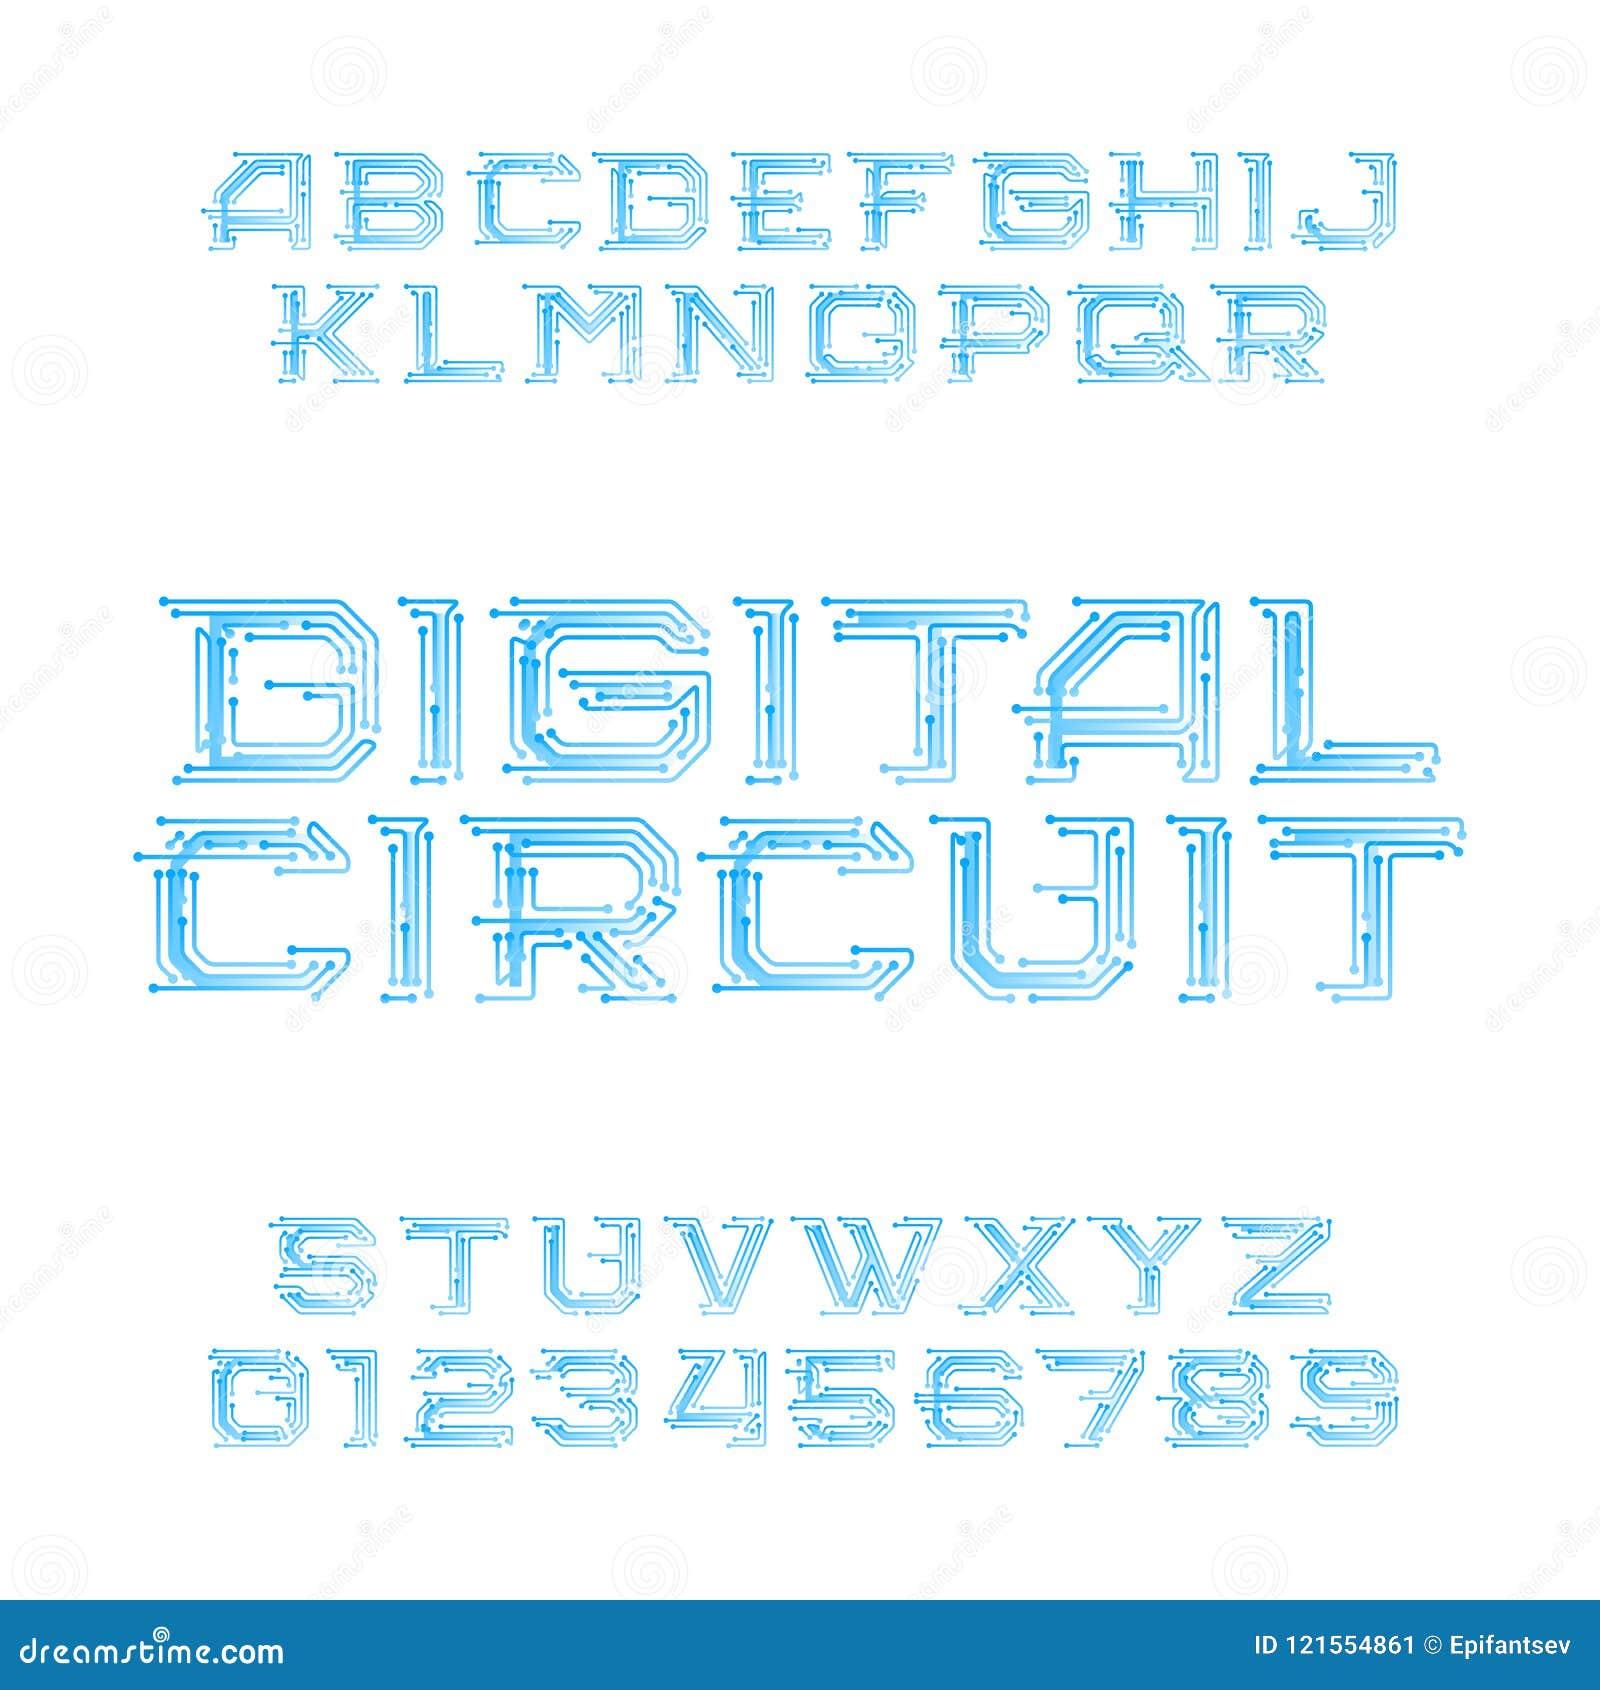 Famous Circuit Board Letters Vignette - Wiring Diagram Ideas ...